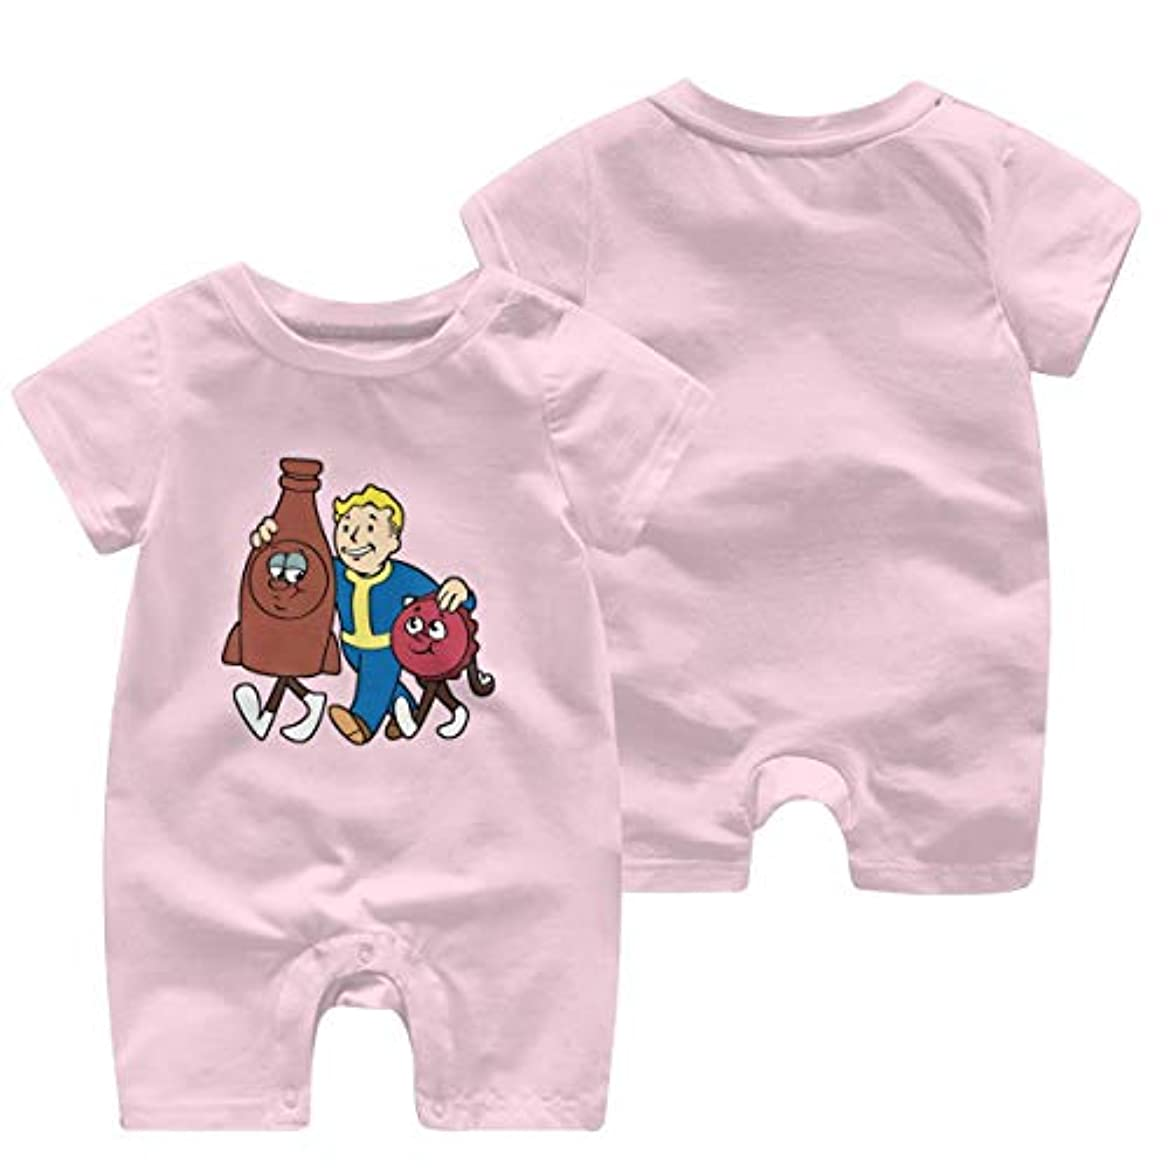 ディスクなめるディスカウントFallout 4 Vault Boy Tシャツ メンズ シャム服 ベビーウェア カバーオール 綿 無地 Tシャツ 丸ネック 半袖カットソー 柔らかい 部屋着 カラー クロールの服 赤ちゃん オシャレ 祝い